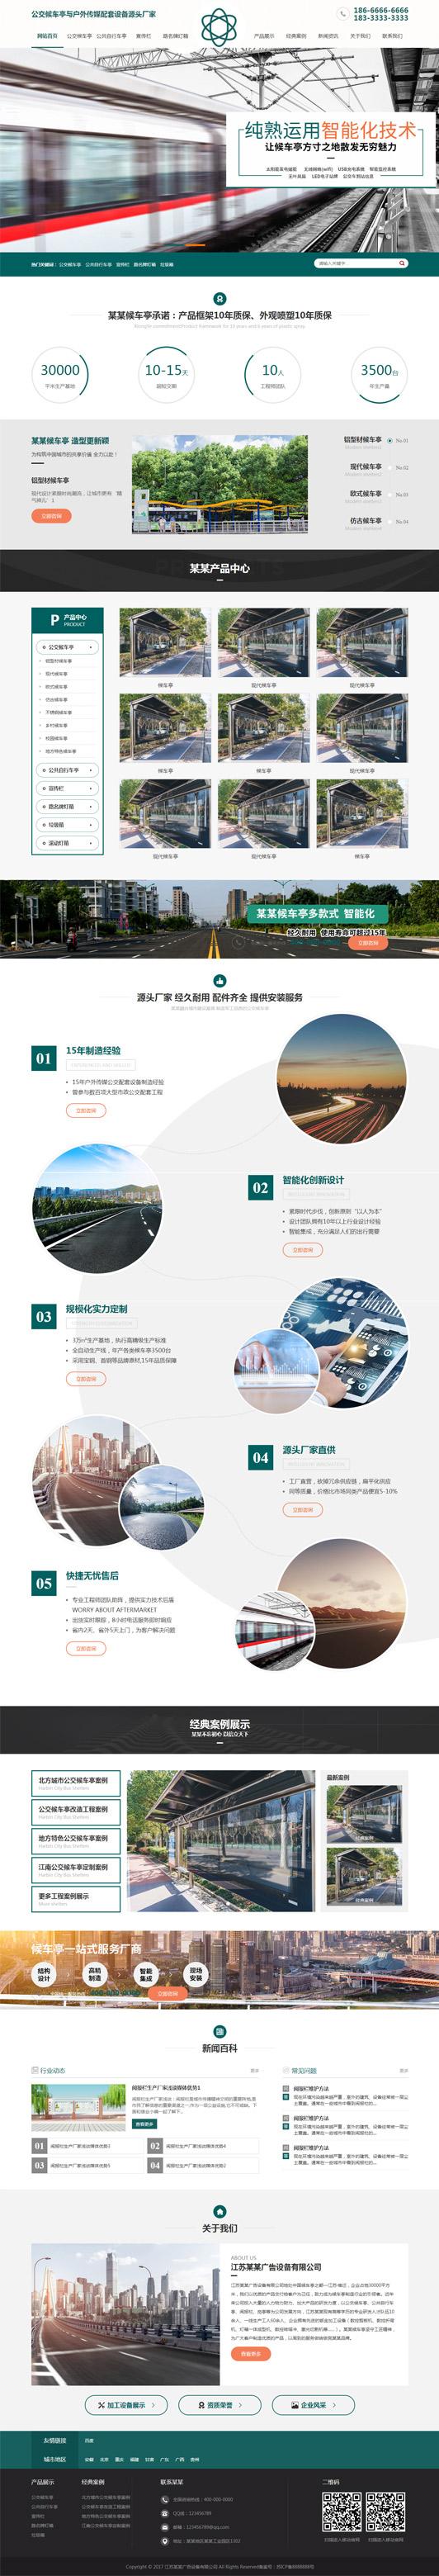 广告传媒公司网站营销式模板